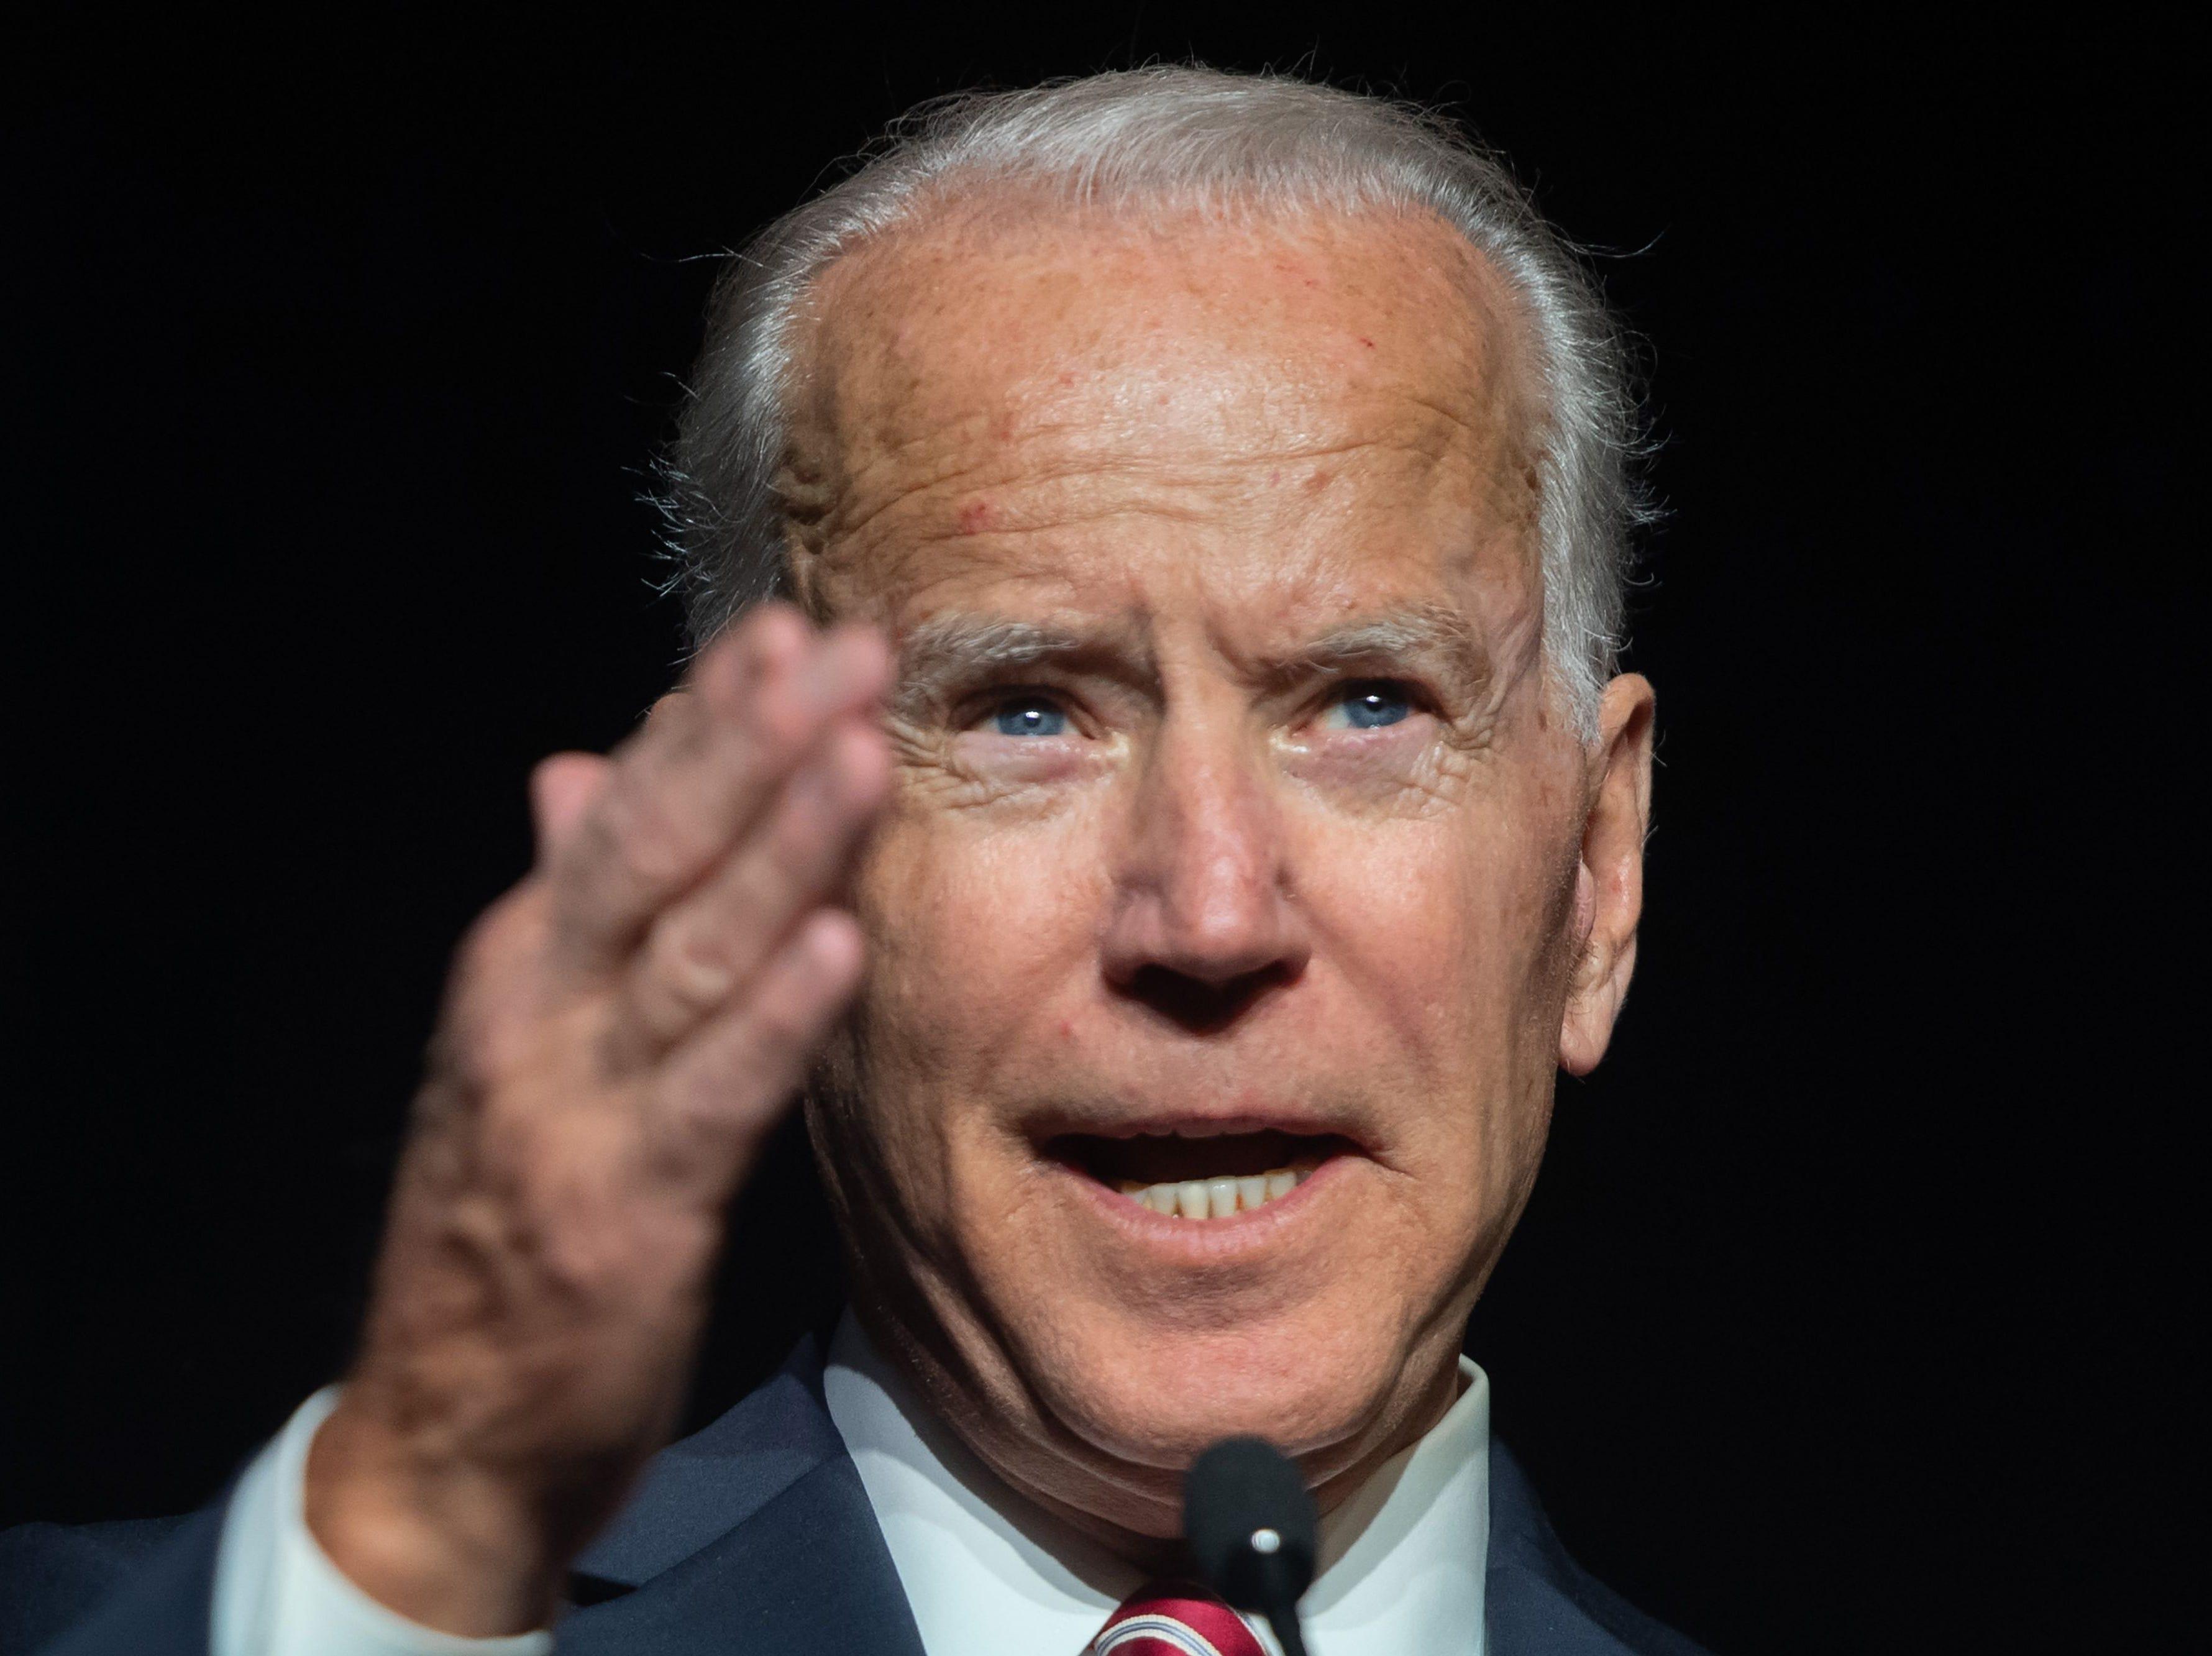 Joe Biden comes close to announcing presidential candidacy, denounces Trump